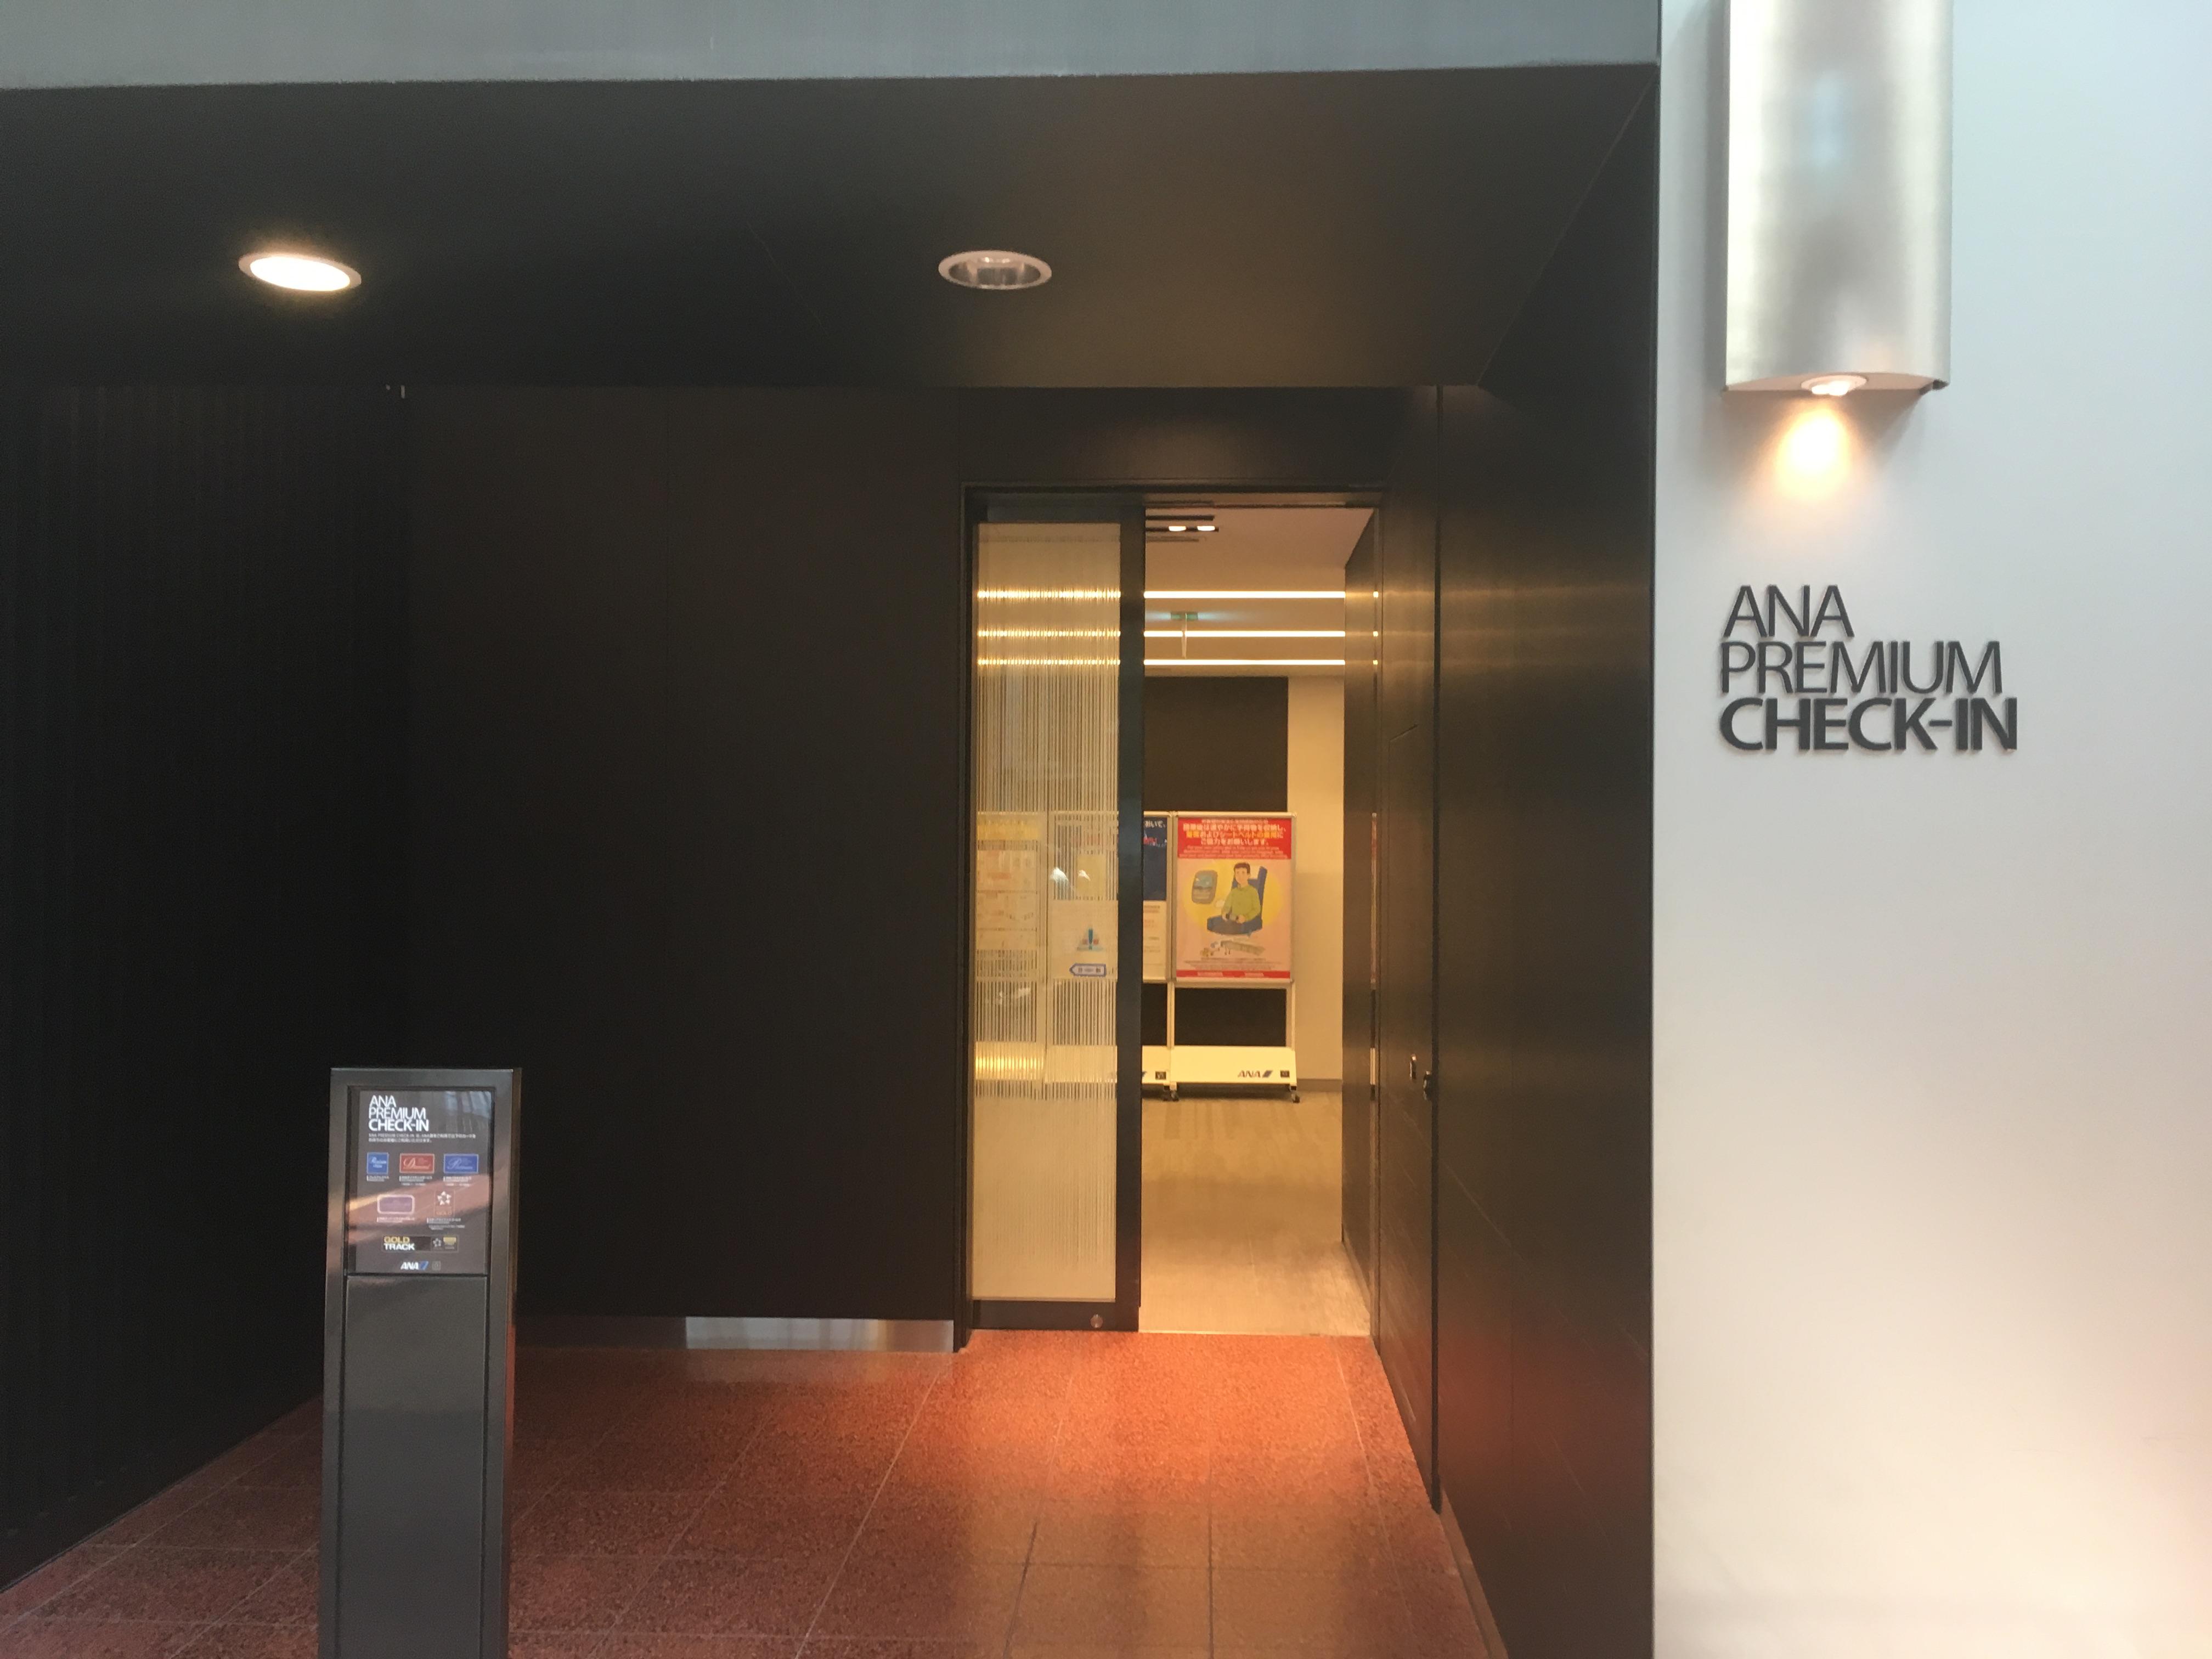 羽田空港ANAプレミアムチェックイン